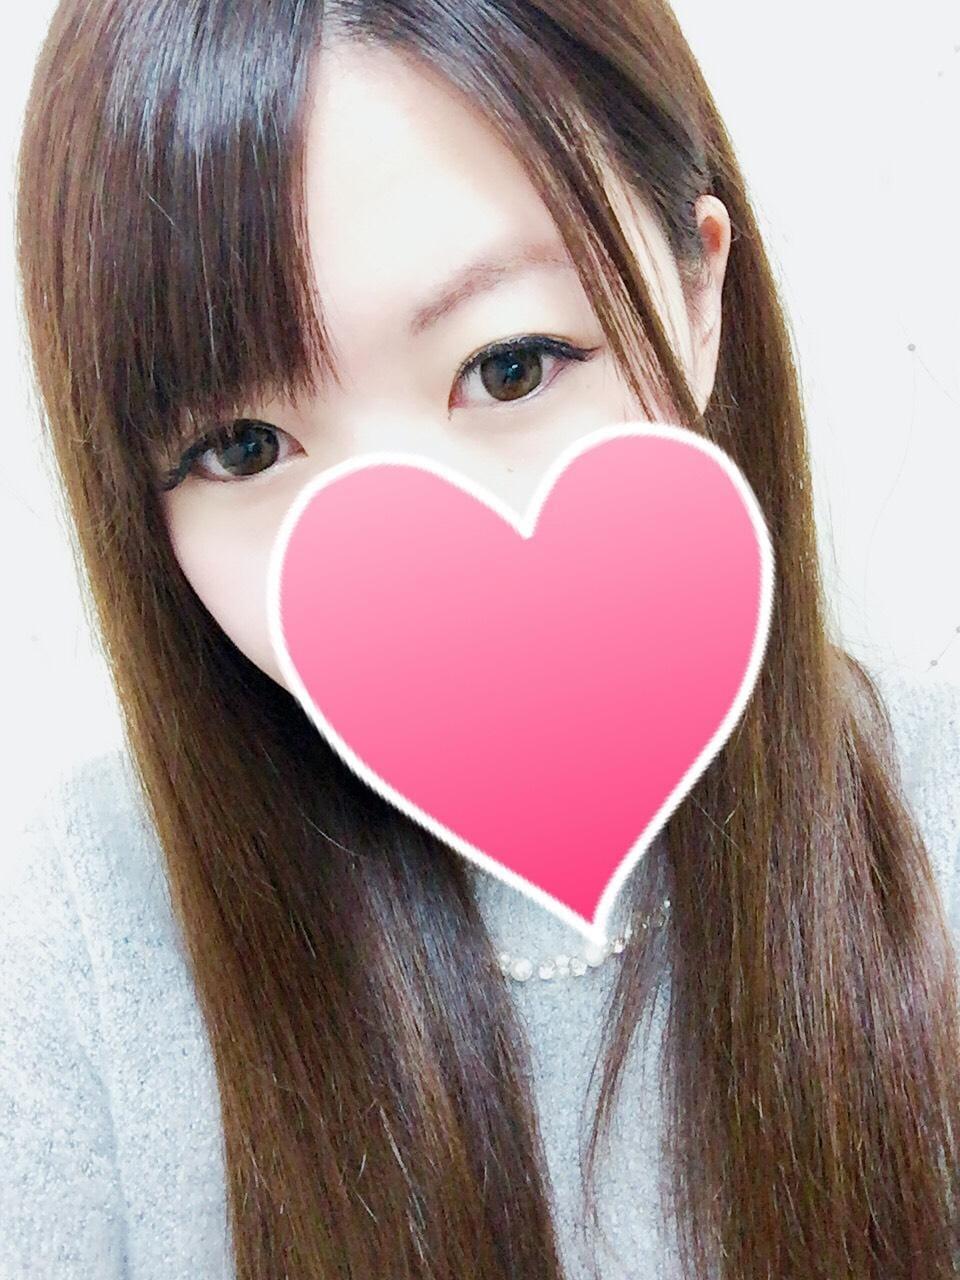 「うひゃーーー!」10/24(10/24) 03:15   みゆきの写メ・風俗動画